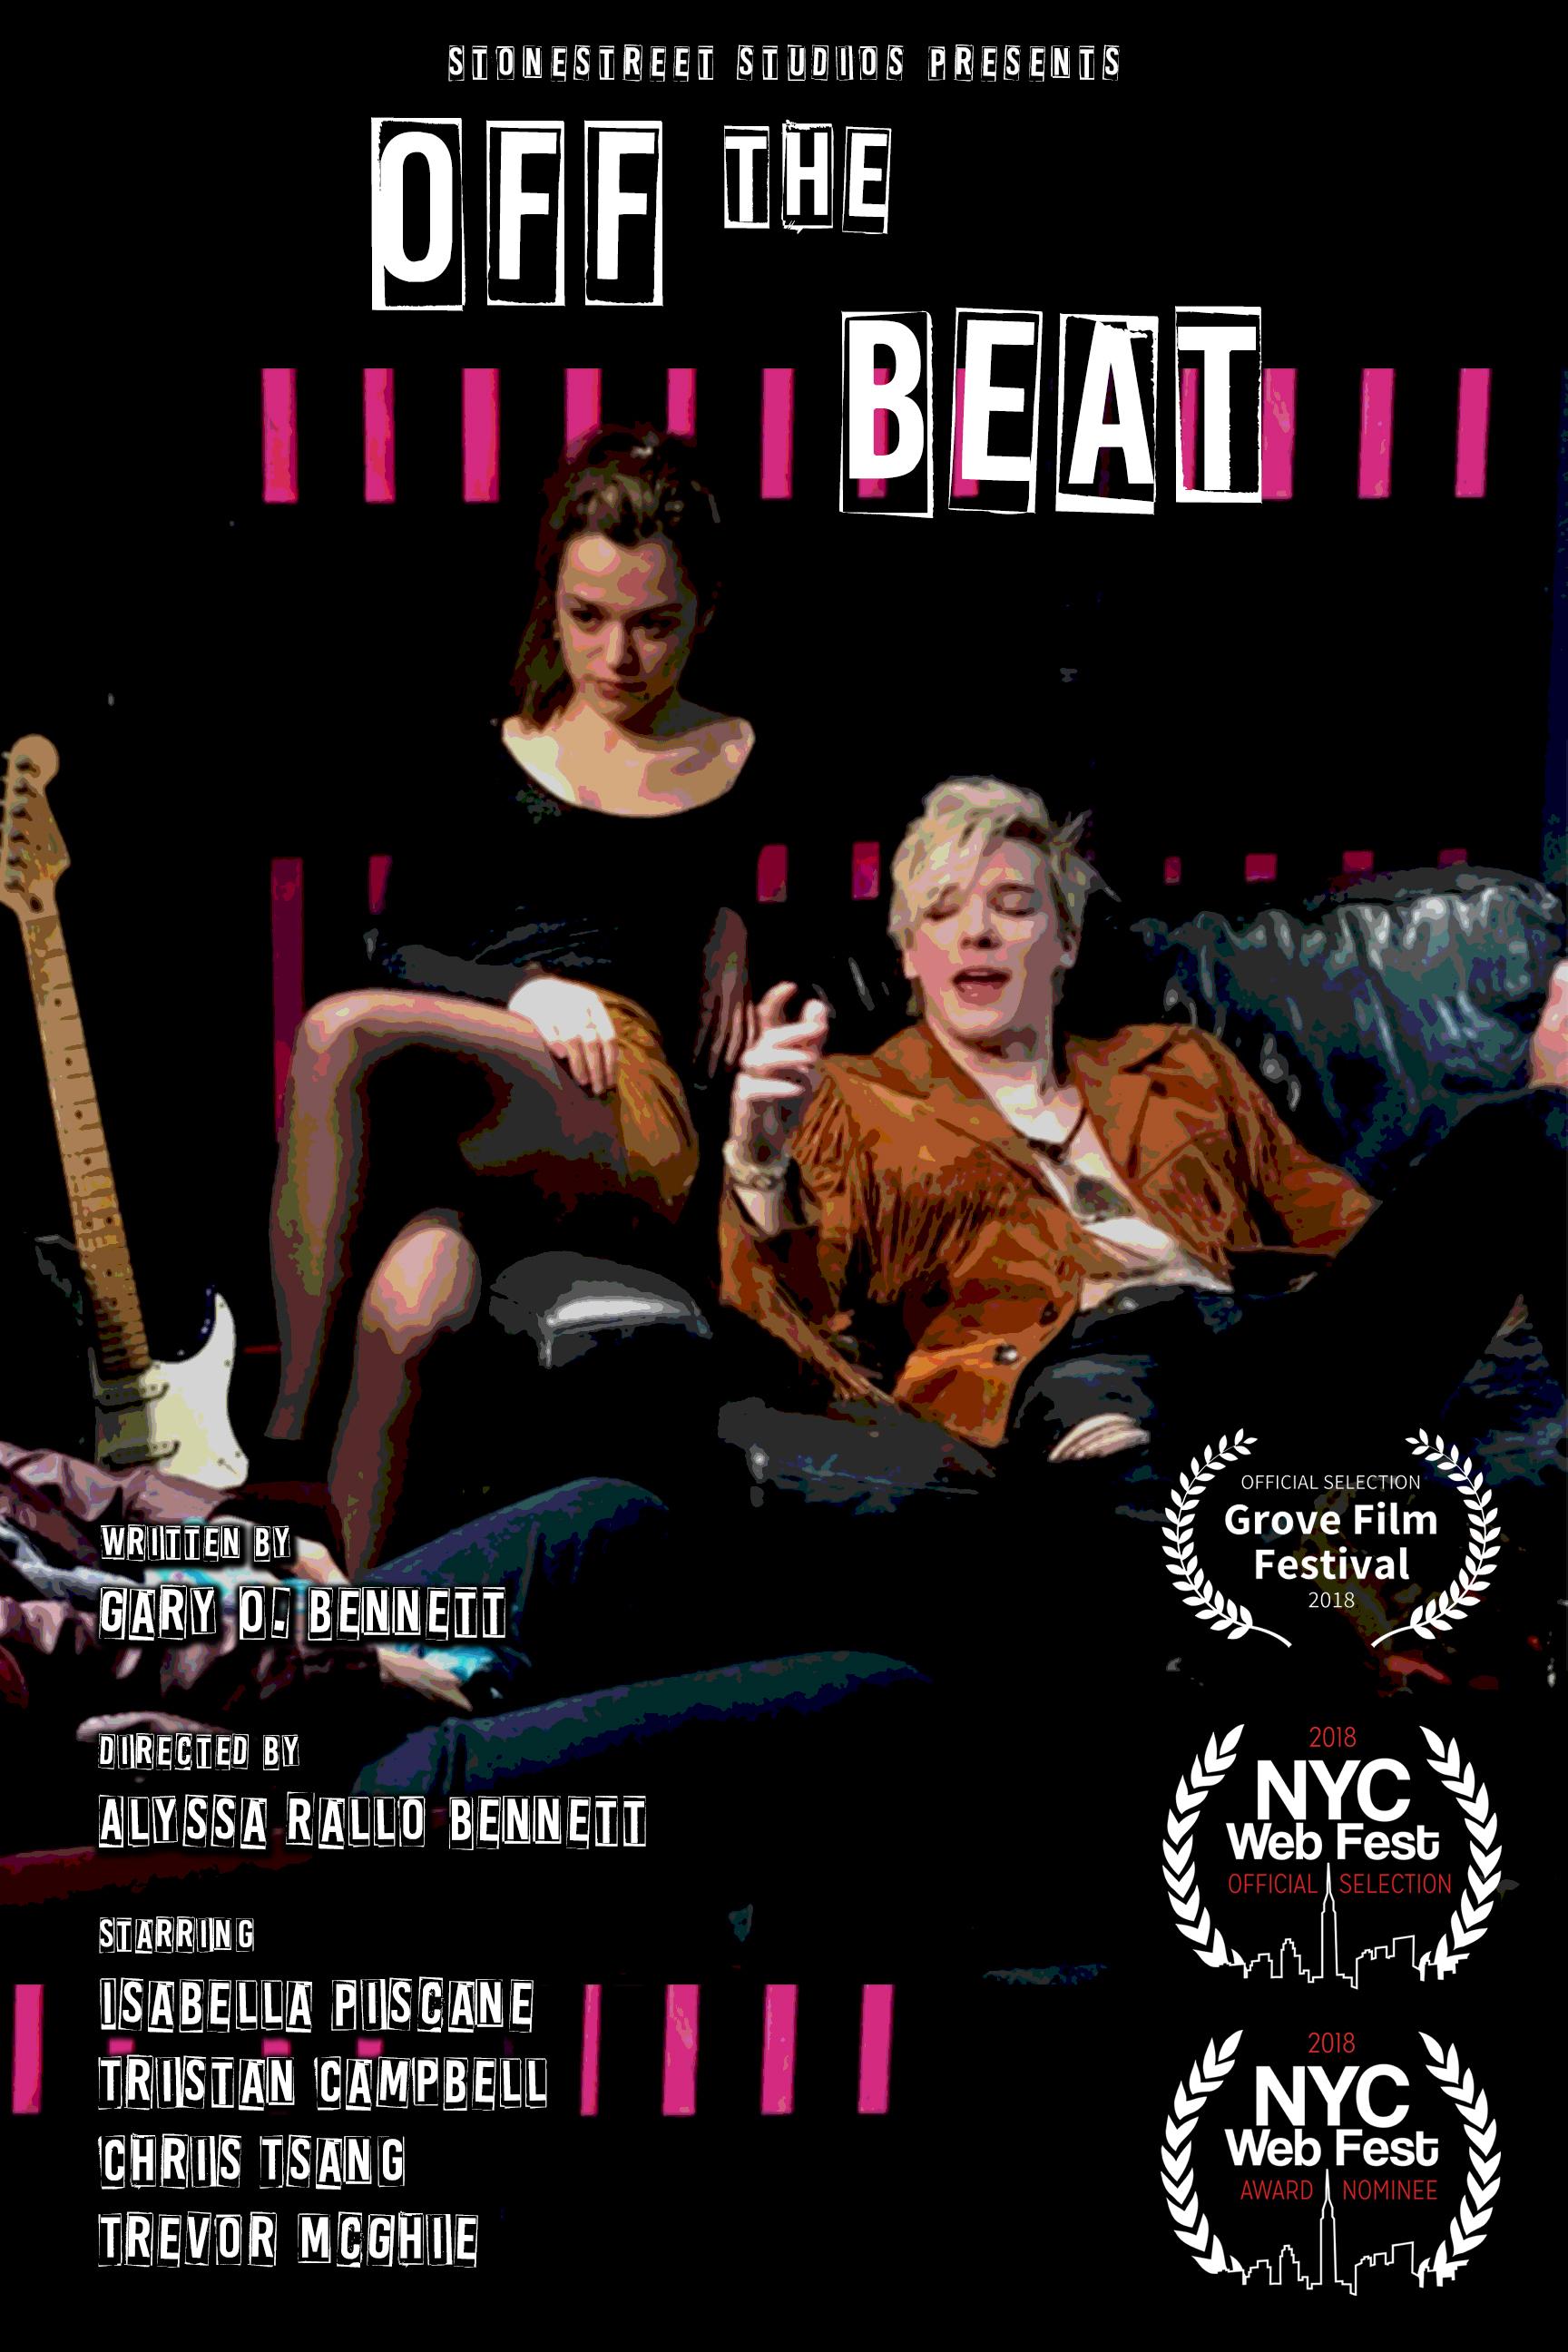 Off the beat full poster.jpg